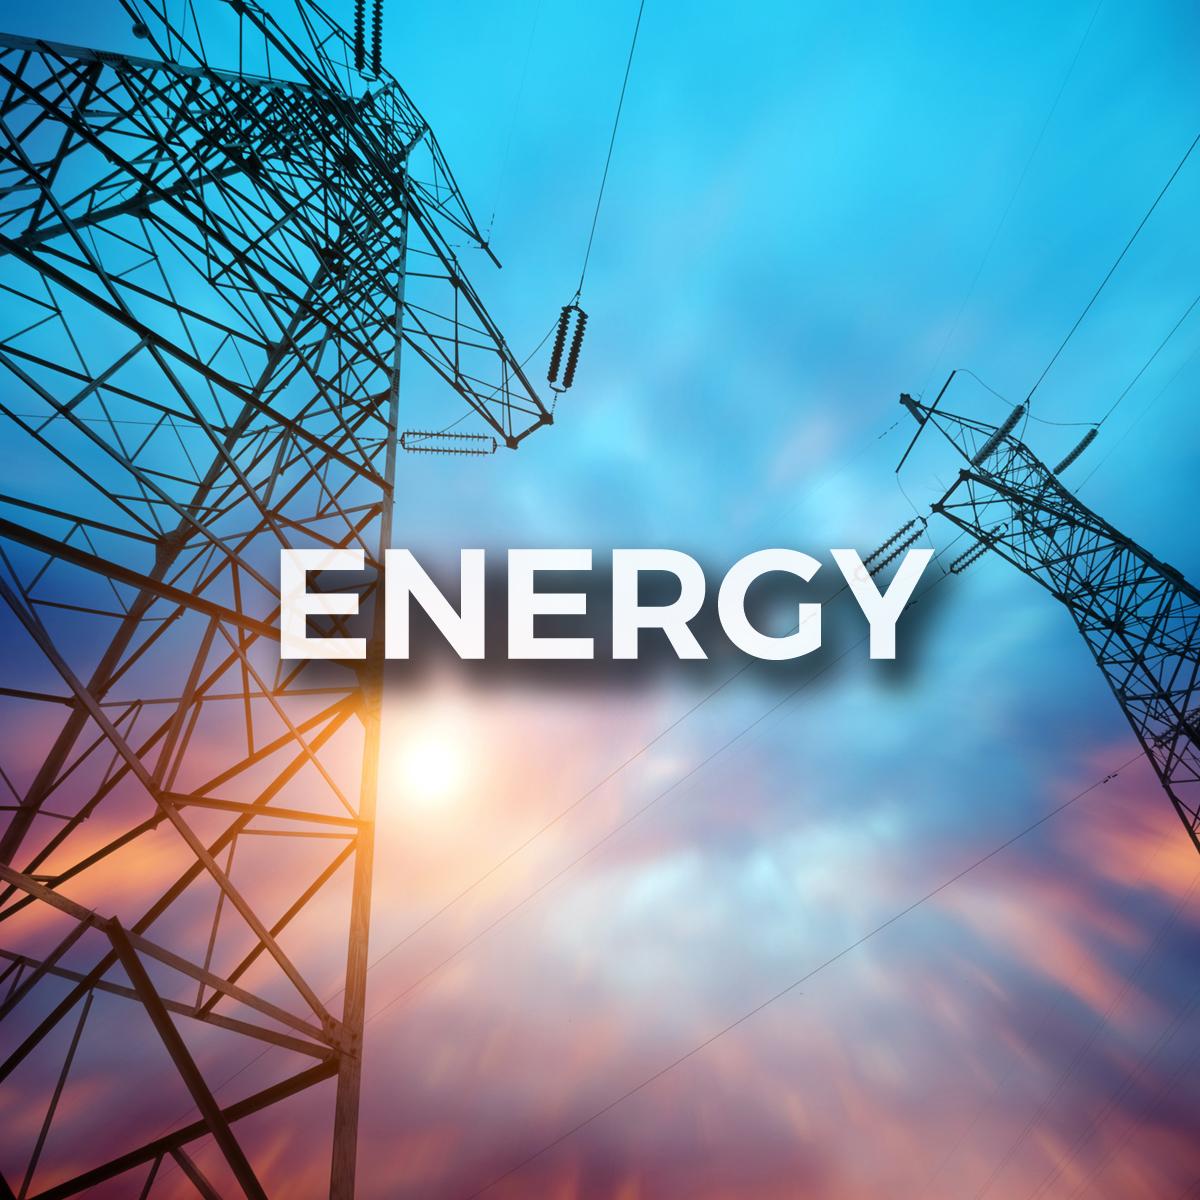 energybox.jpg